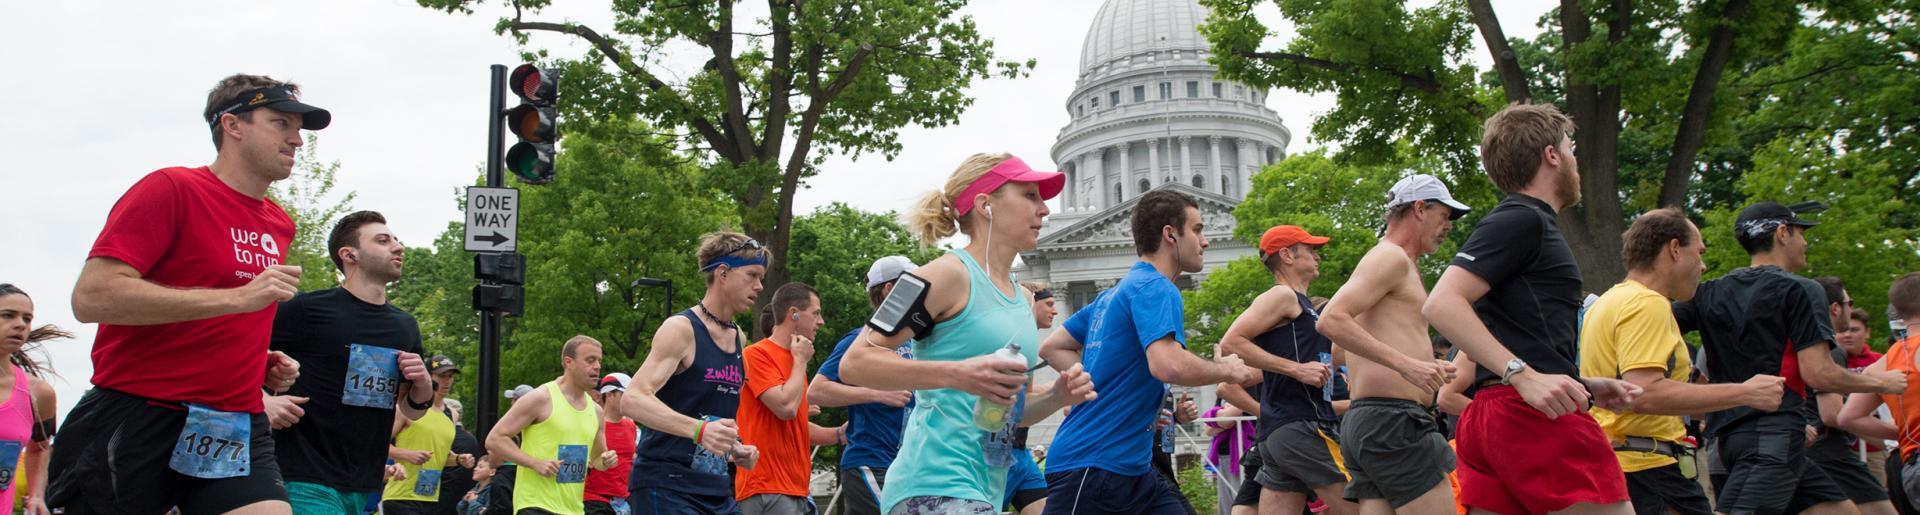 Race around capitol